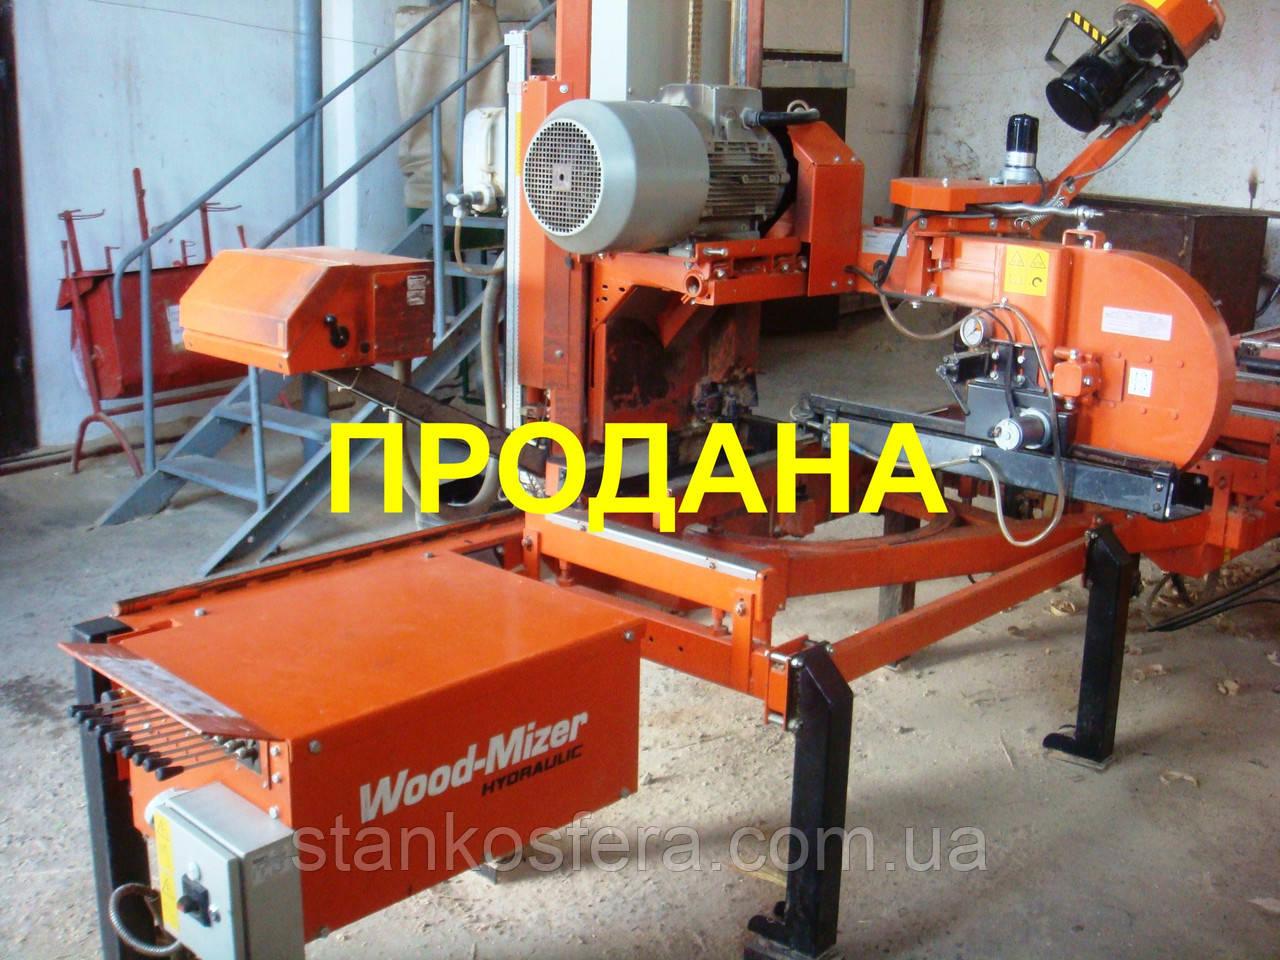 Ленточная пилорама б/у Wood-Mizer LT40 2008 года, цена